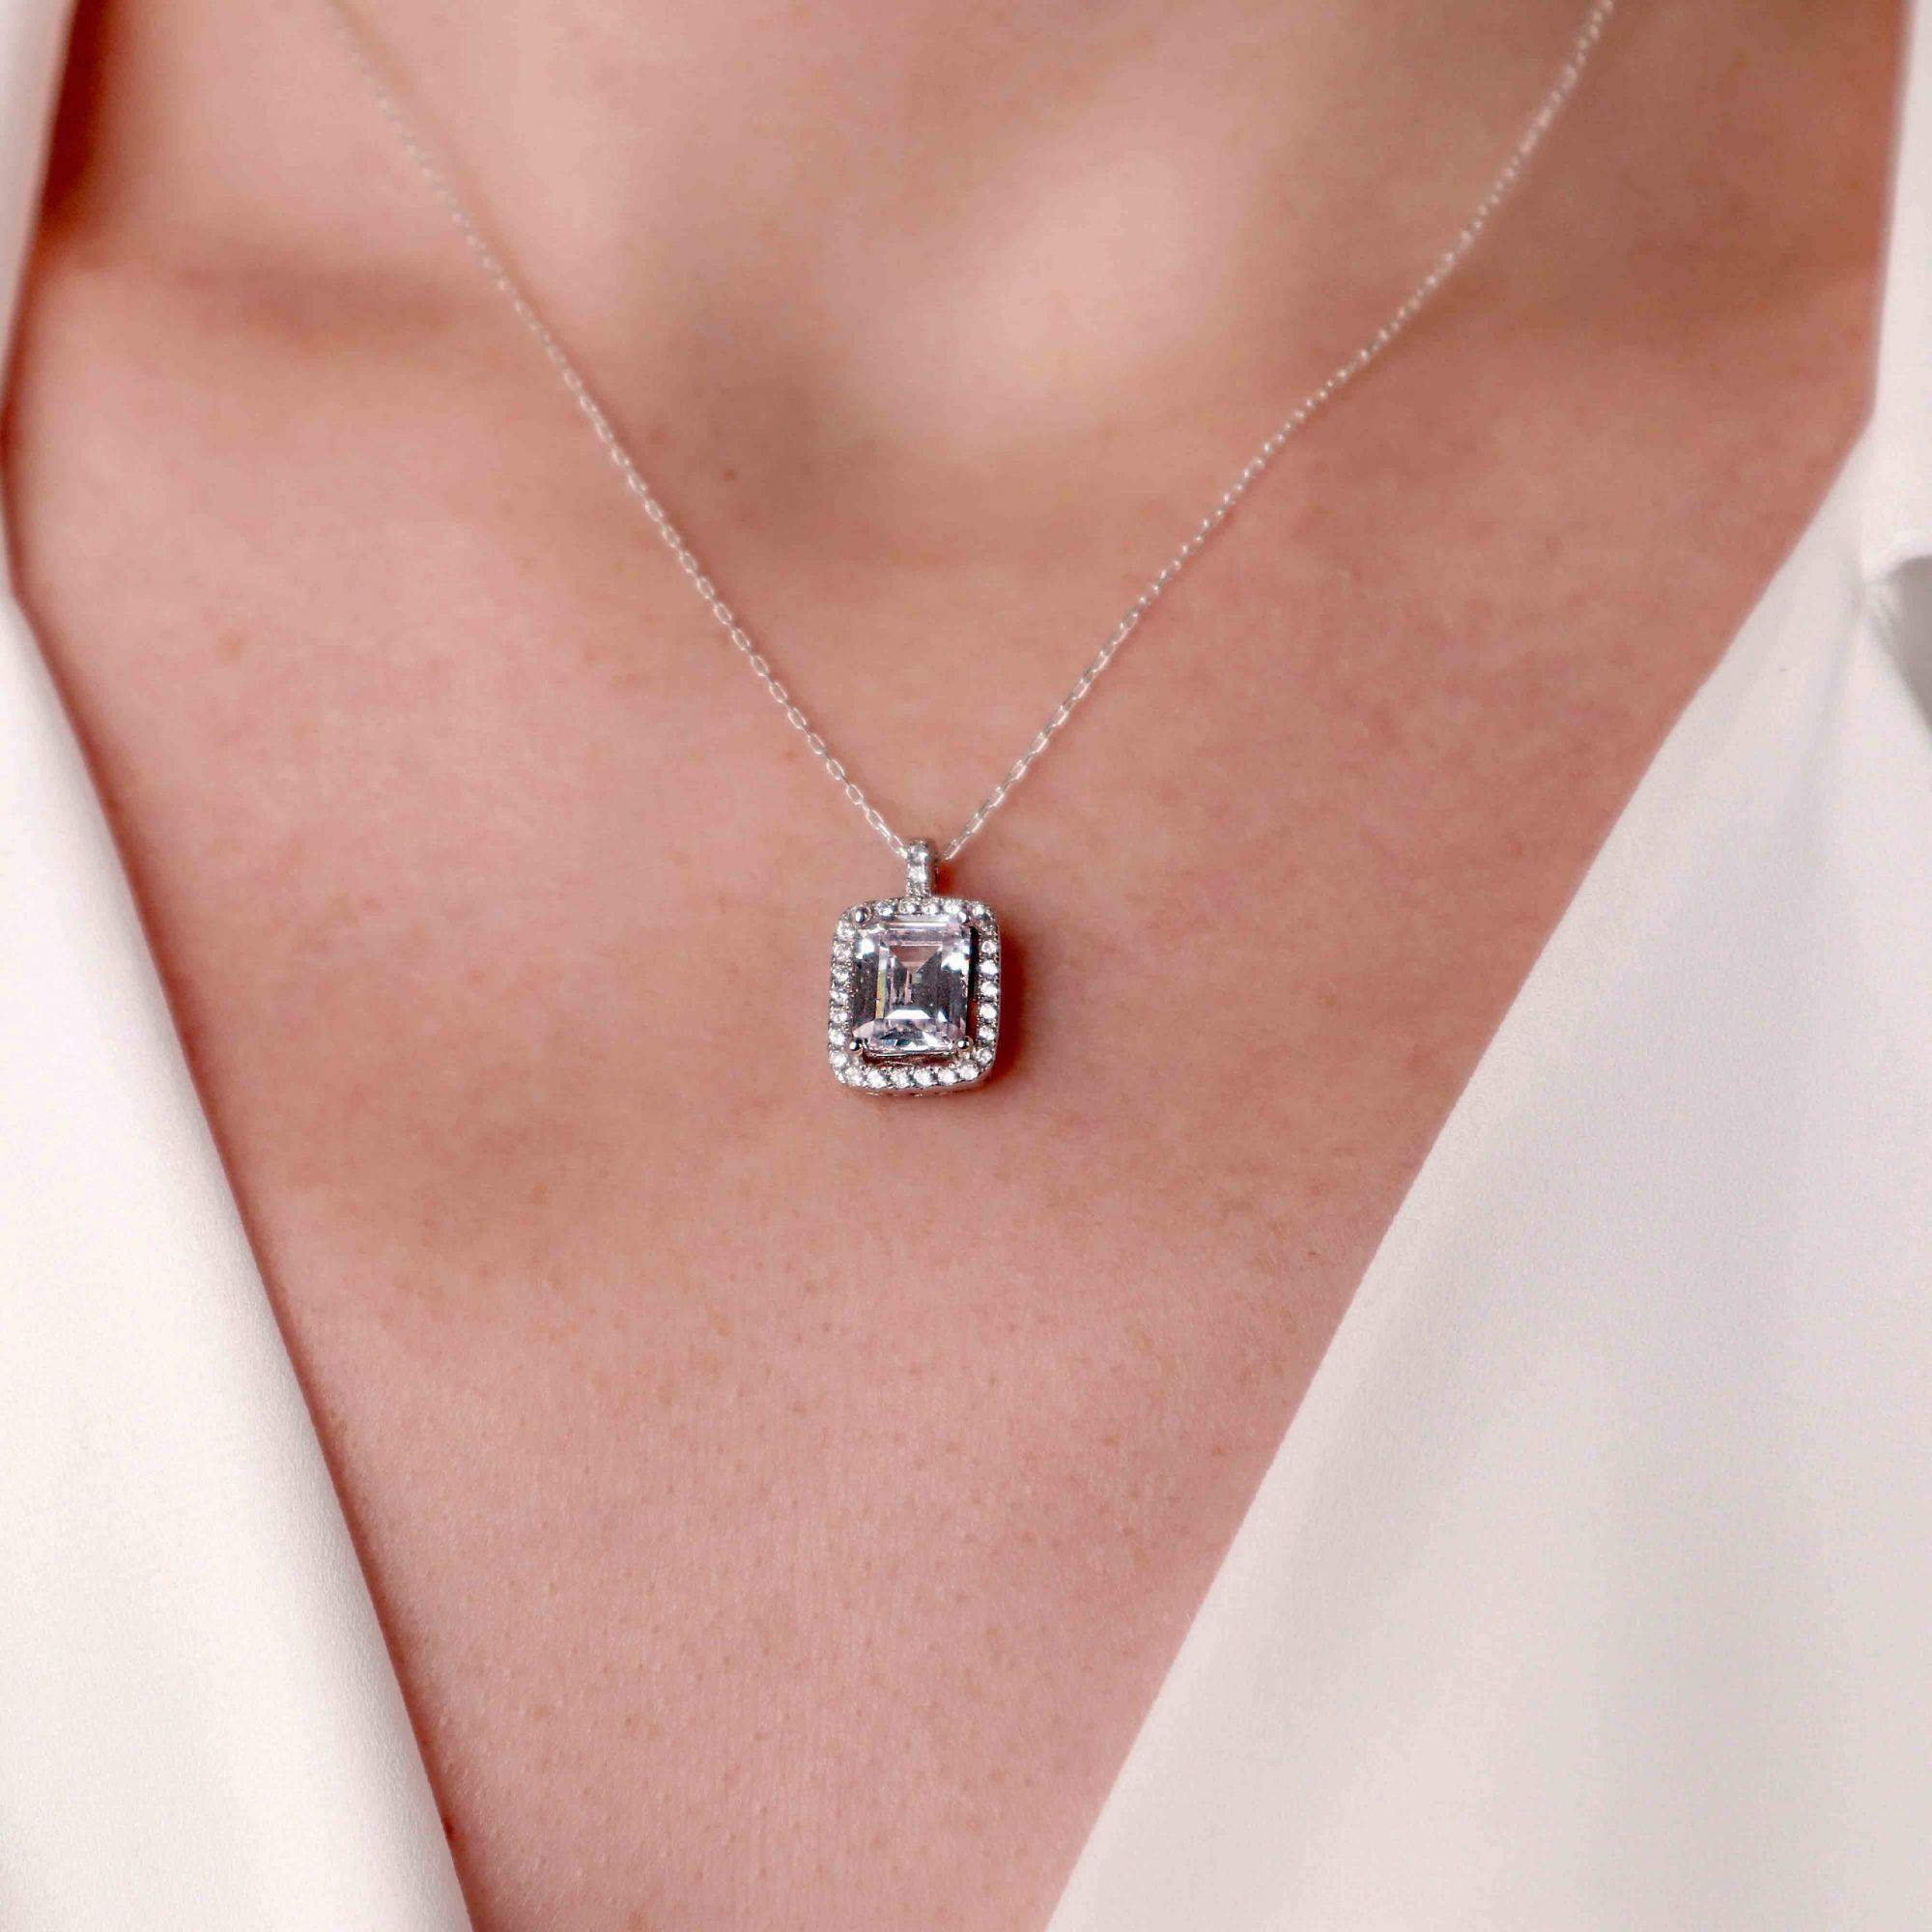 Gümüş - 925 Ayar Gümüş Swarovski & Beyaz Taşlı Baget Kolye